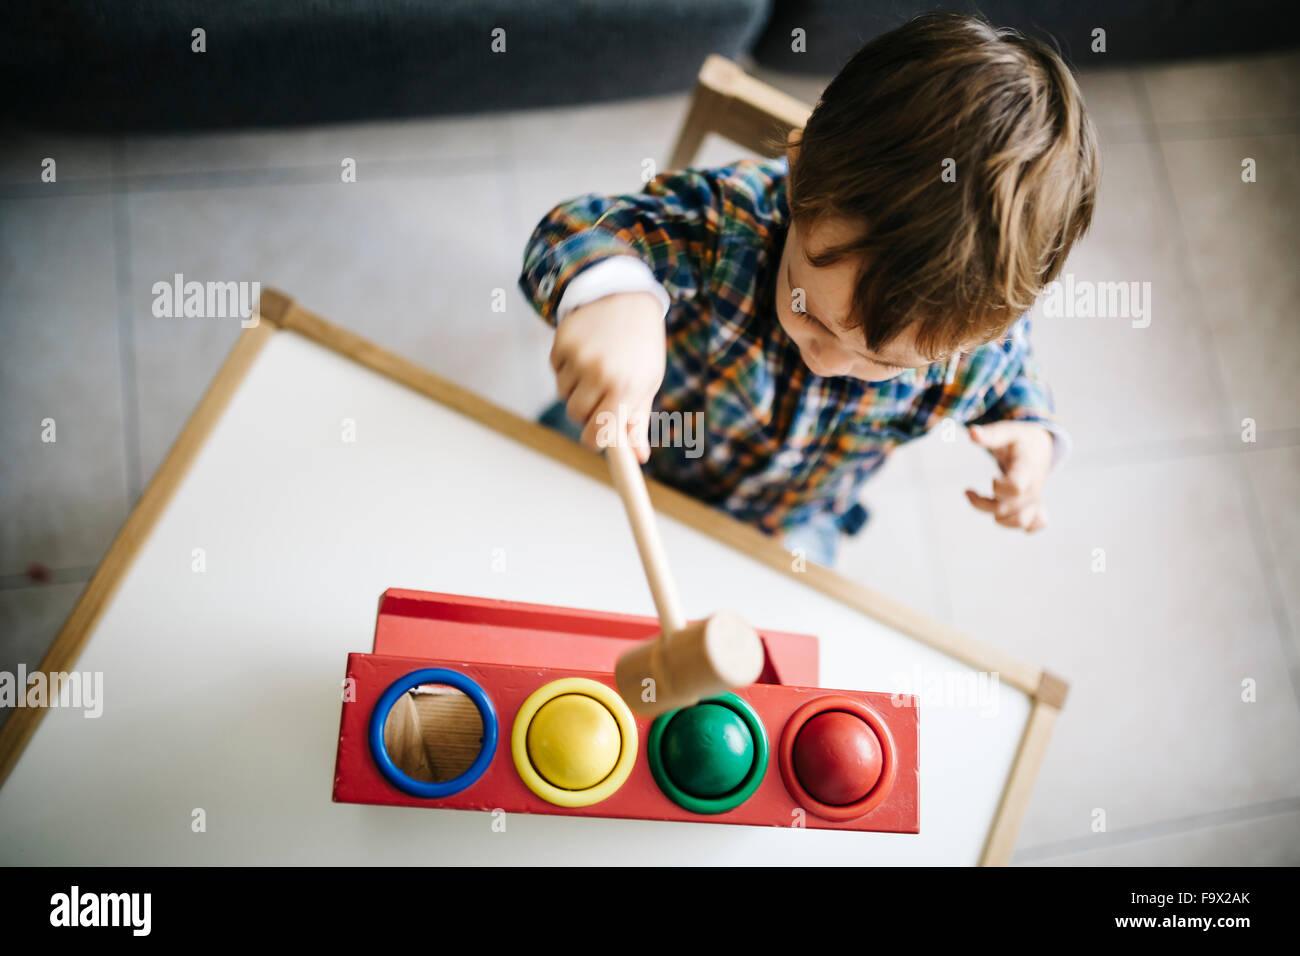 Petit Garçon jouant avec un moteur toy Photo Stock